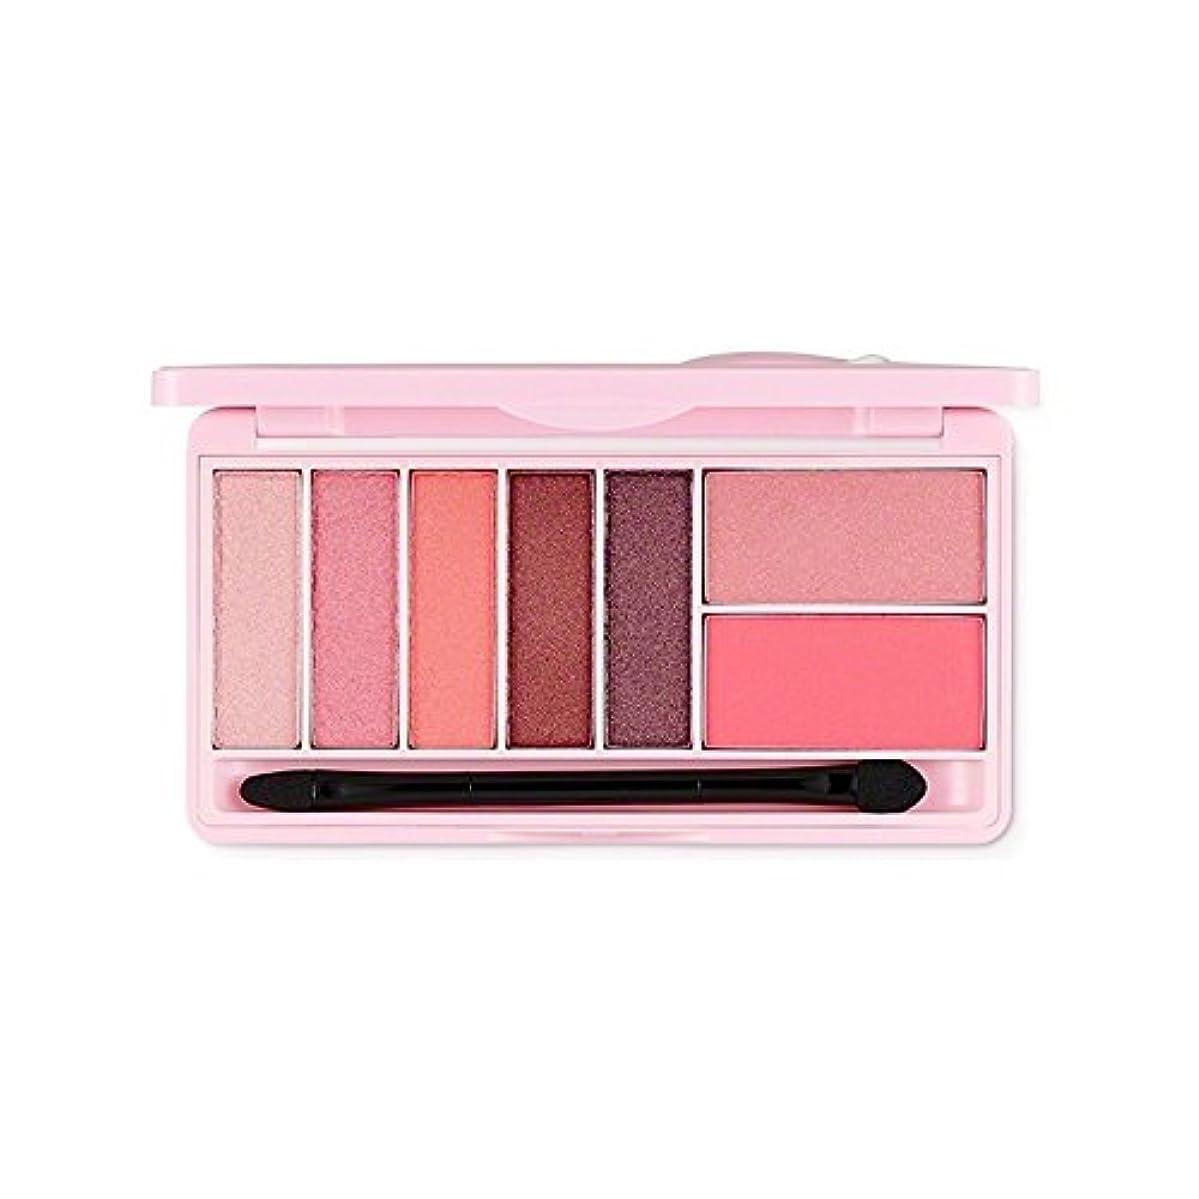 悔い改めアヒル発表The Face Shop スウィートアペックチャーモノポップアイズ Kakao FriendsThe Face Shop Sweet Apeach Mono Pop Eyes 9.5g/甘いアペサート (Pink Winking...